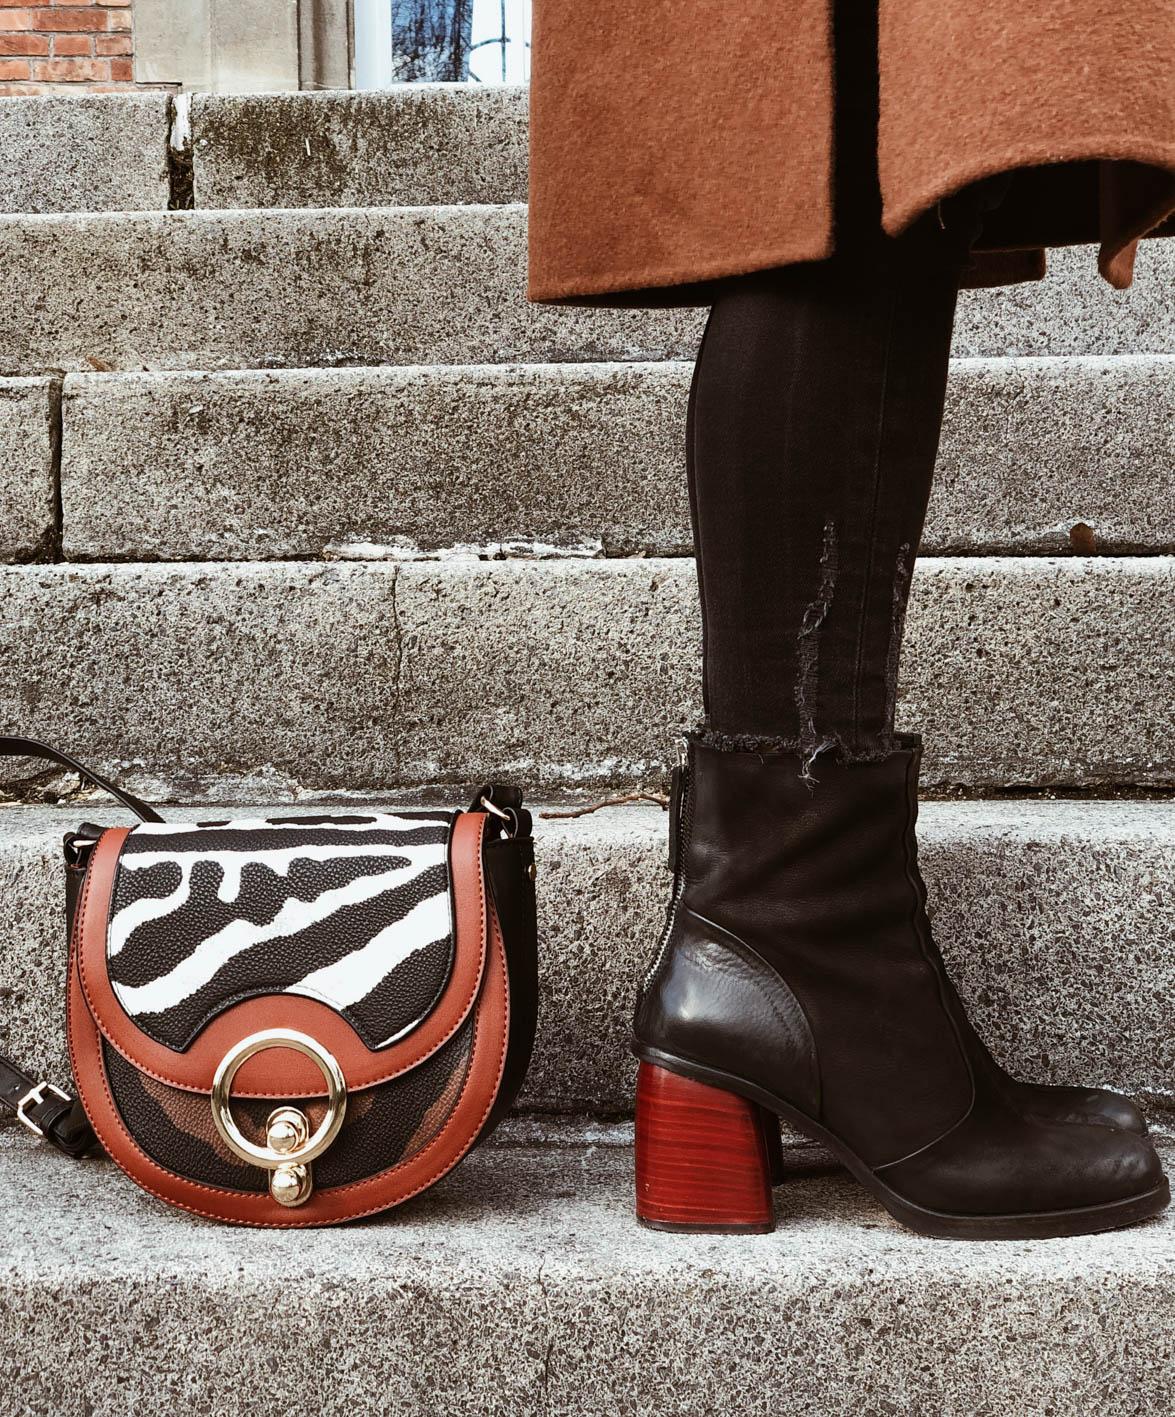 Carnet sauvage- blog mode et tendances - boho - rock2.jpgCarnet Sauvage - Blog mode et tendances, idée look boho rock